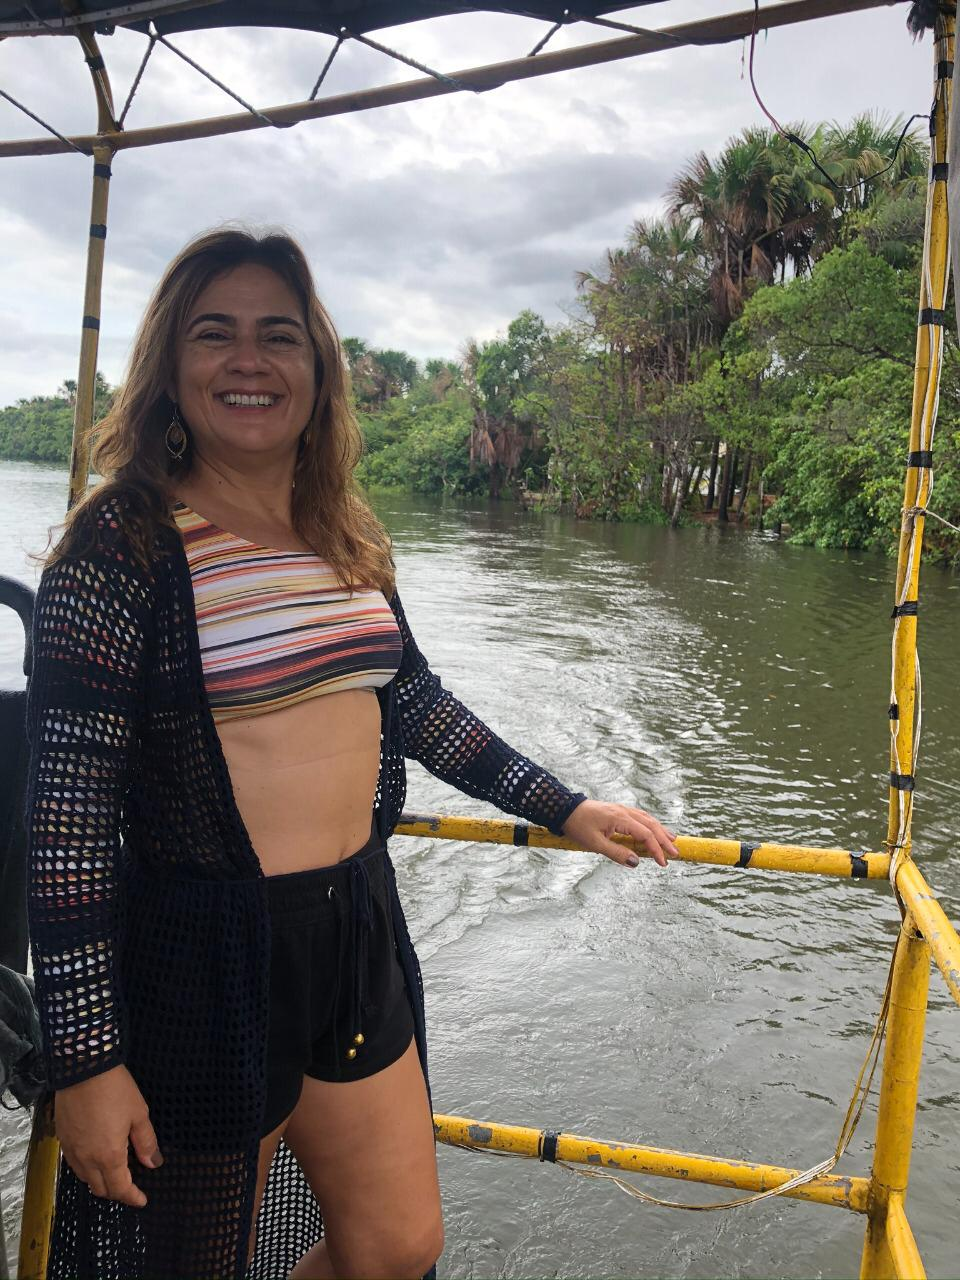 Travessia de Balsa no Rio Preguiças, Lençóis Maranhenses